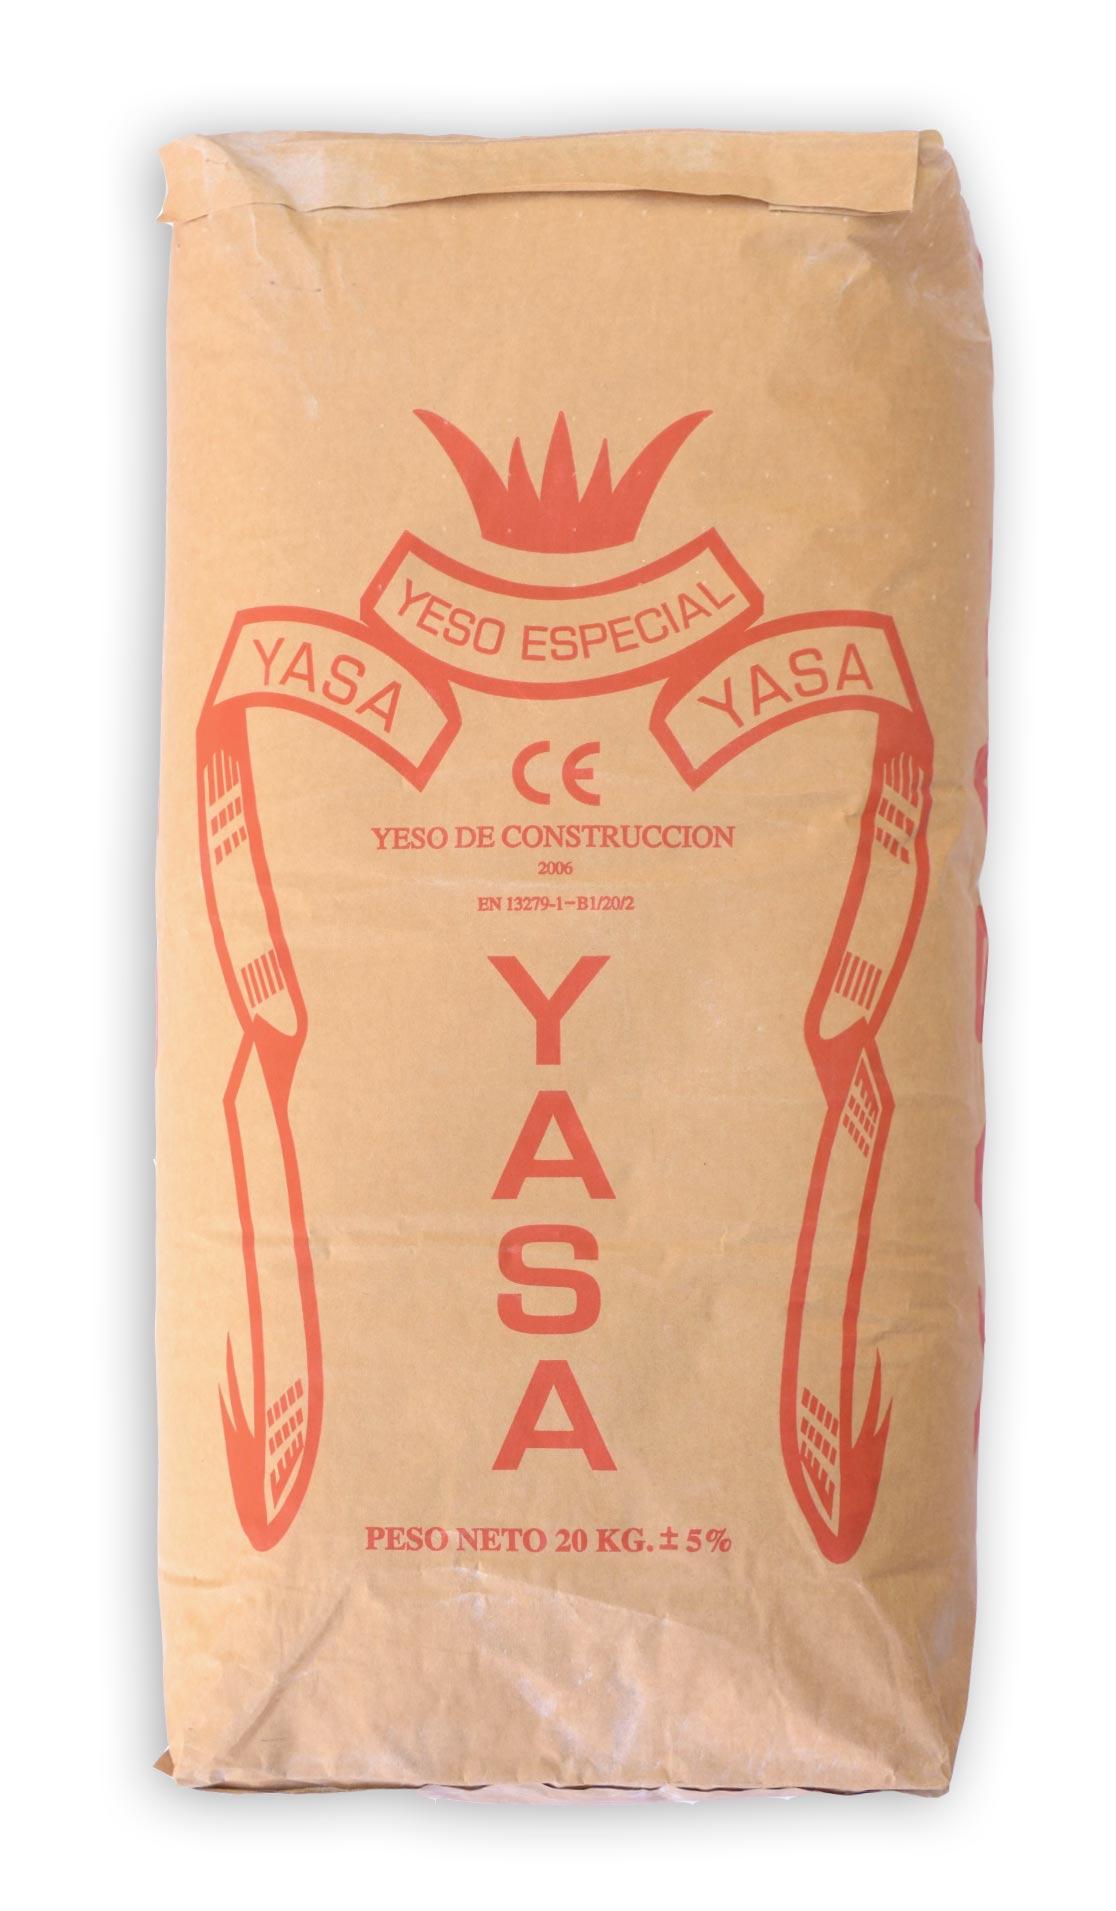 Yeso Yasa